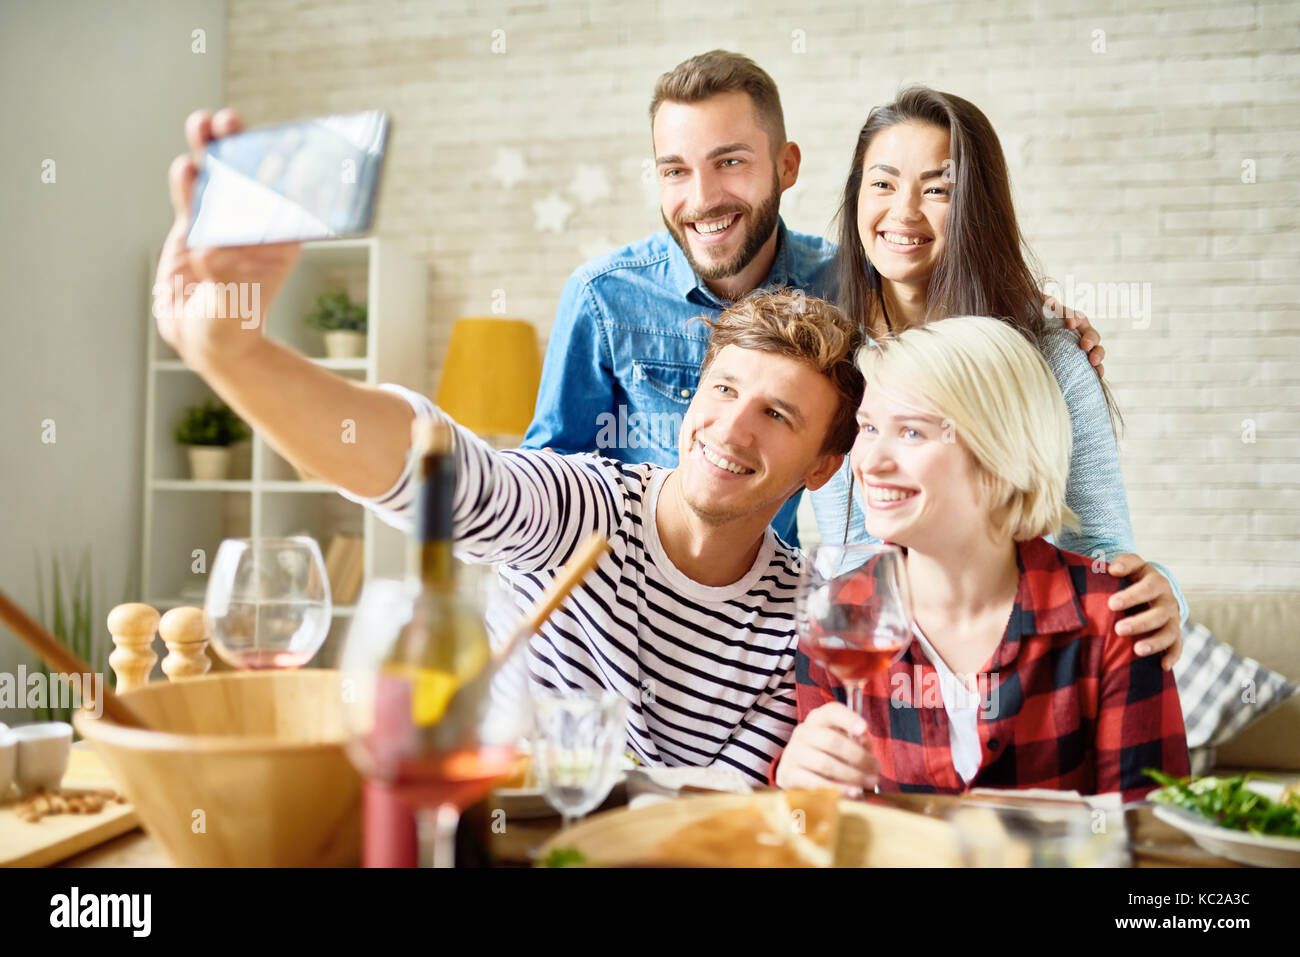 Portrait von vier glückliche Freunde unter selfie am Tisch beim festlichen Anlass feiern gemeinsam Stockbild